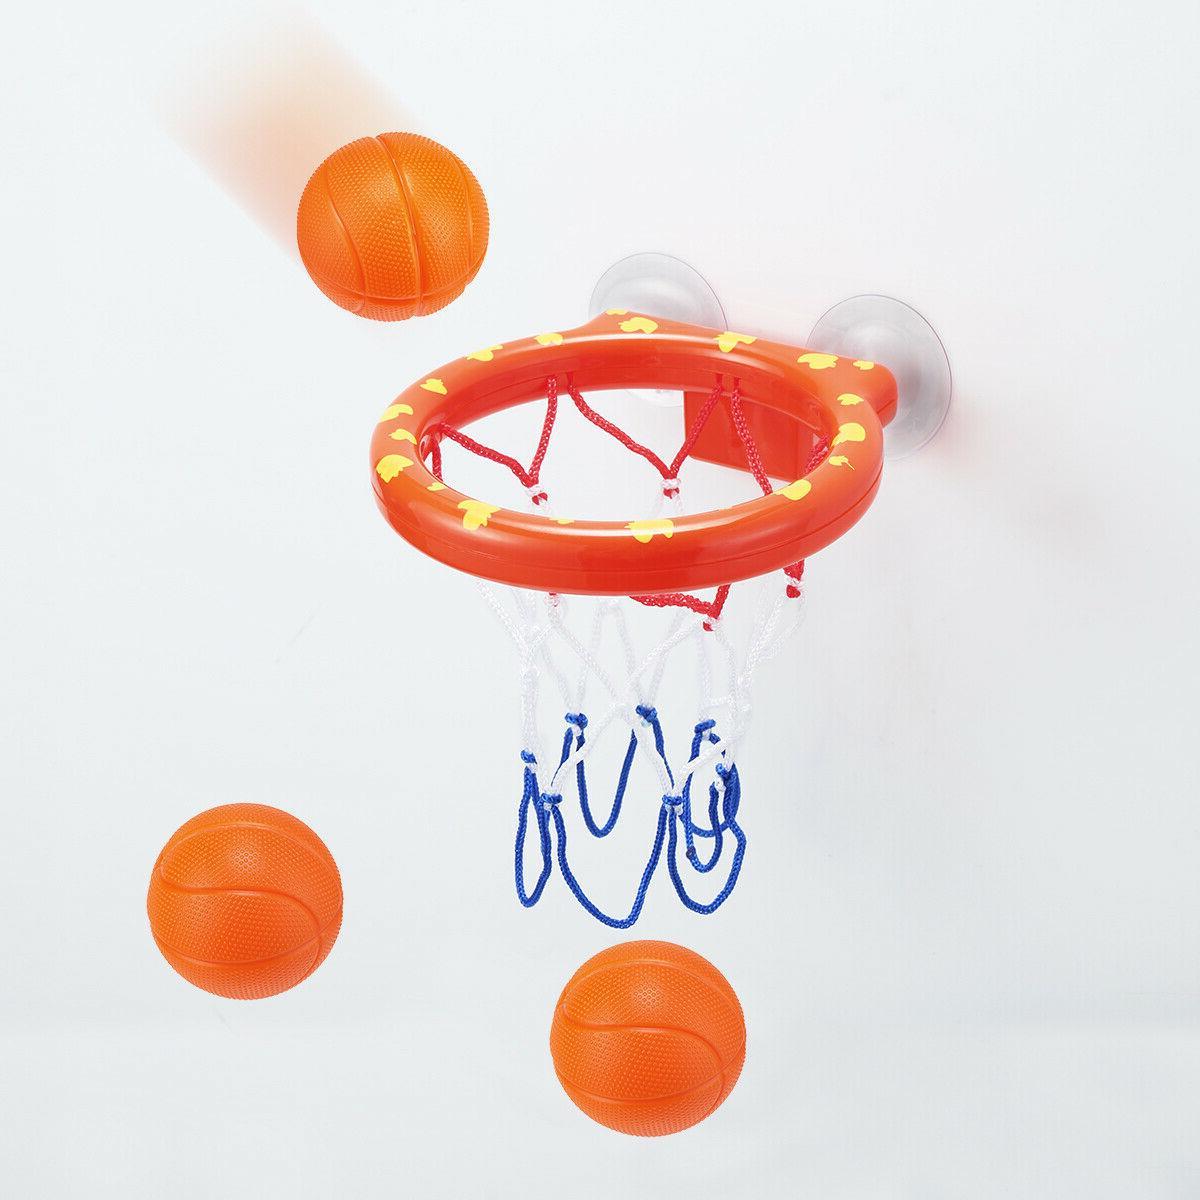 Baby Child Bathtub Toy & 3 Plastic Bath